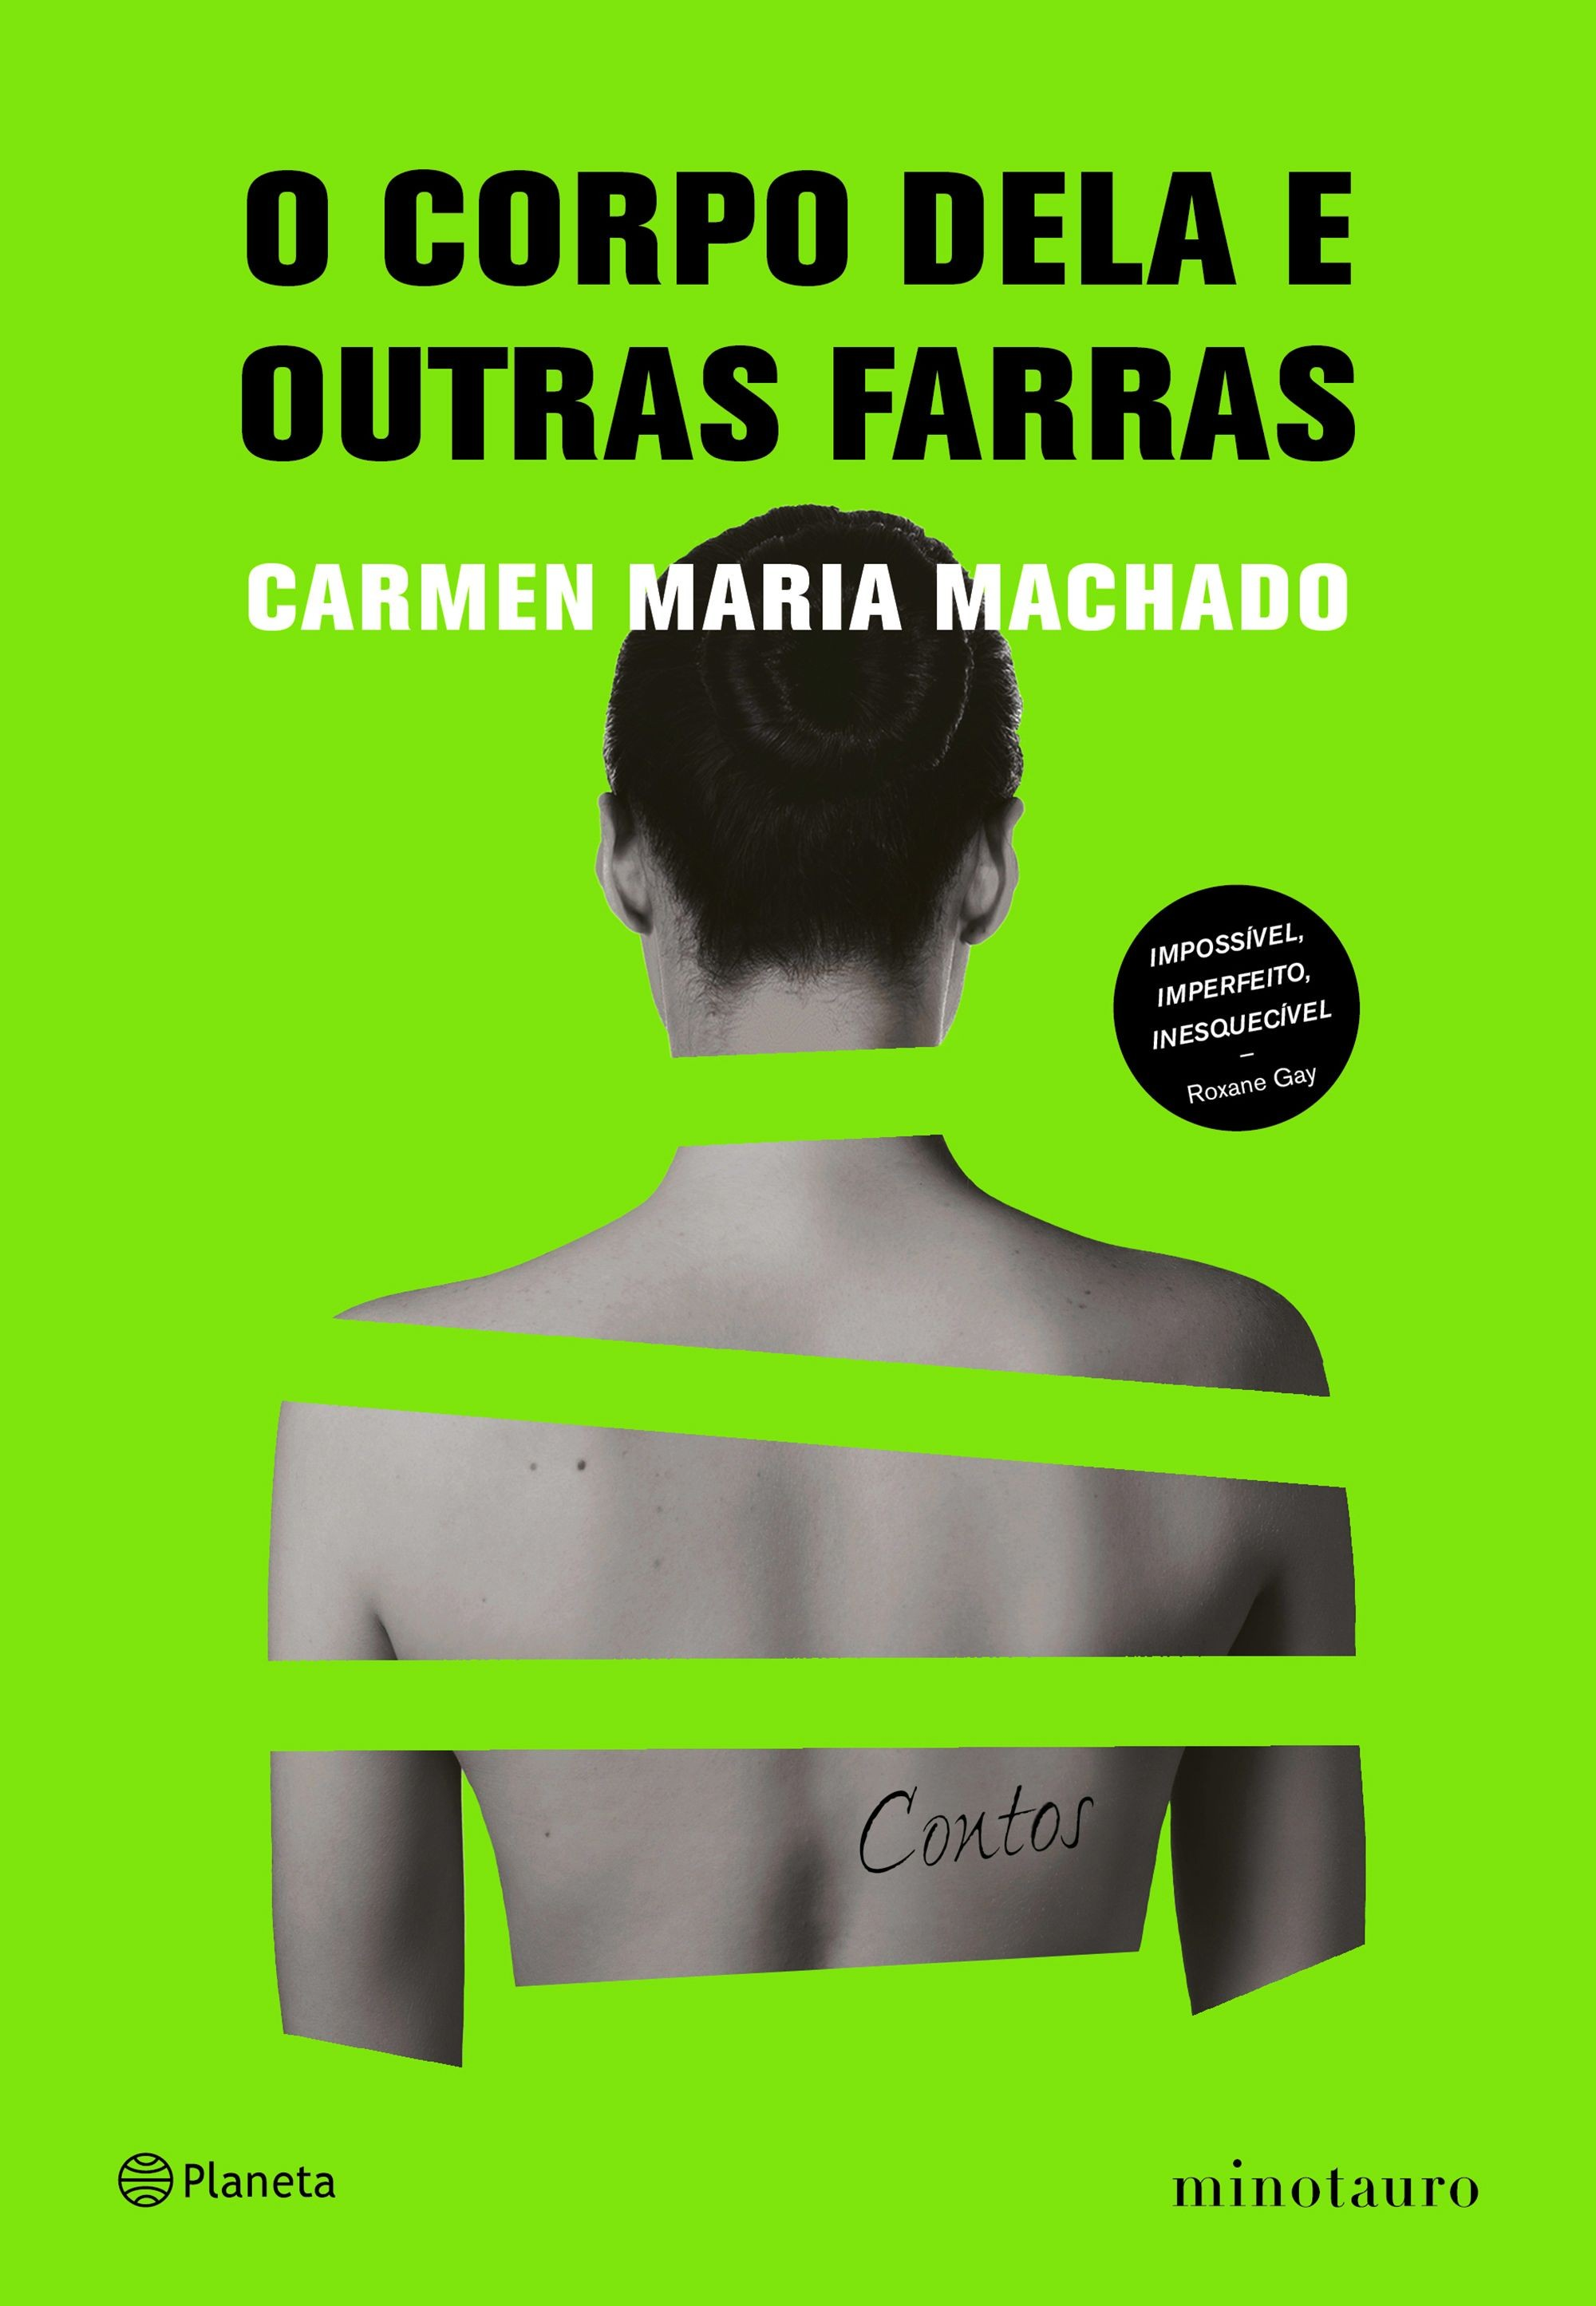 O Corpo Dela e Outras Farras, de Carmen Maria Machado (Foto: Divulgação)